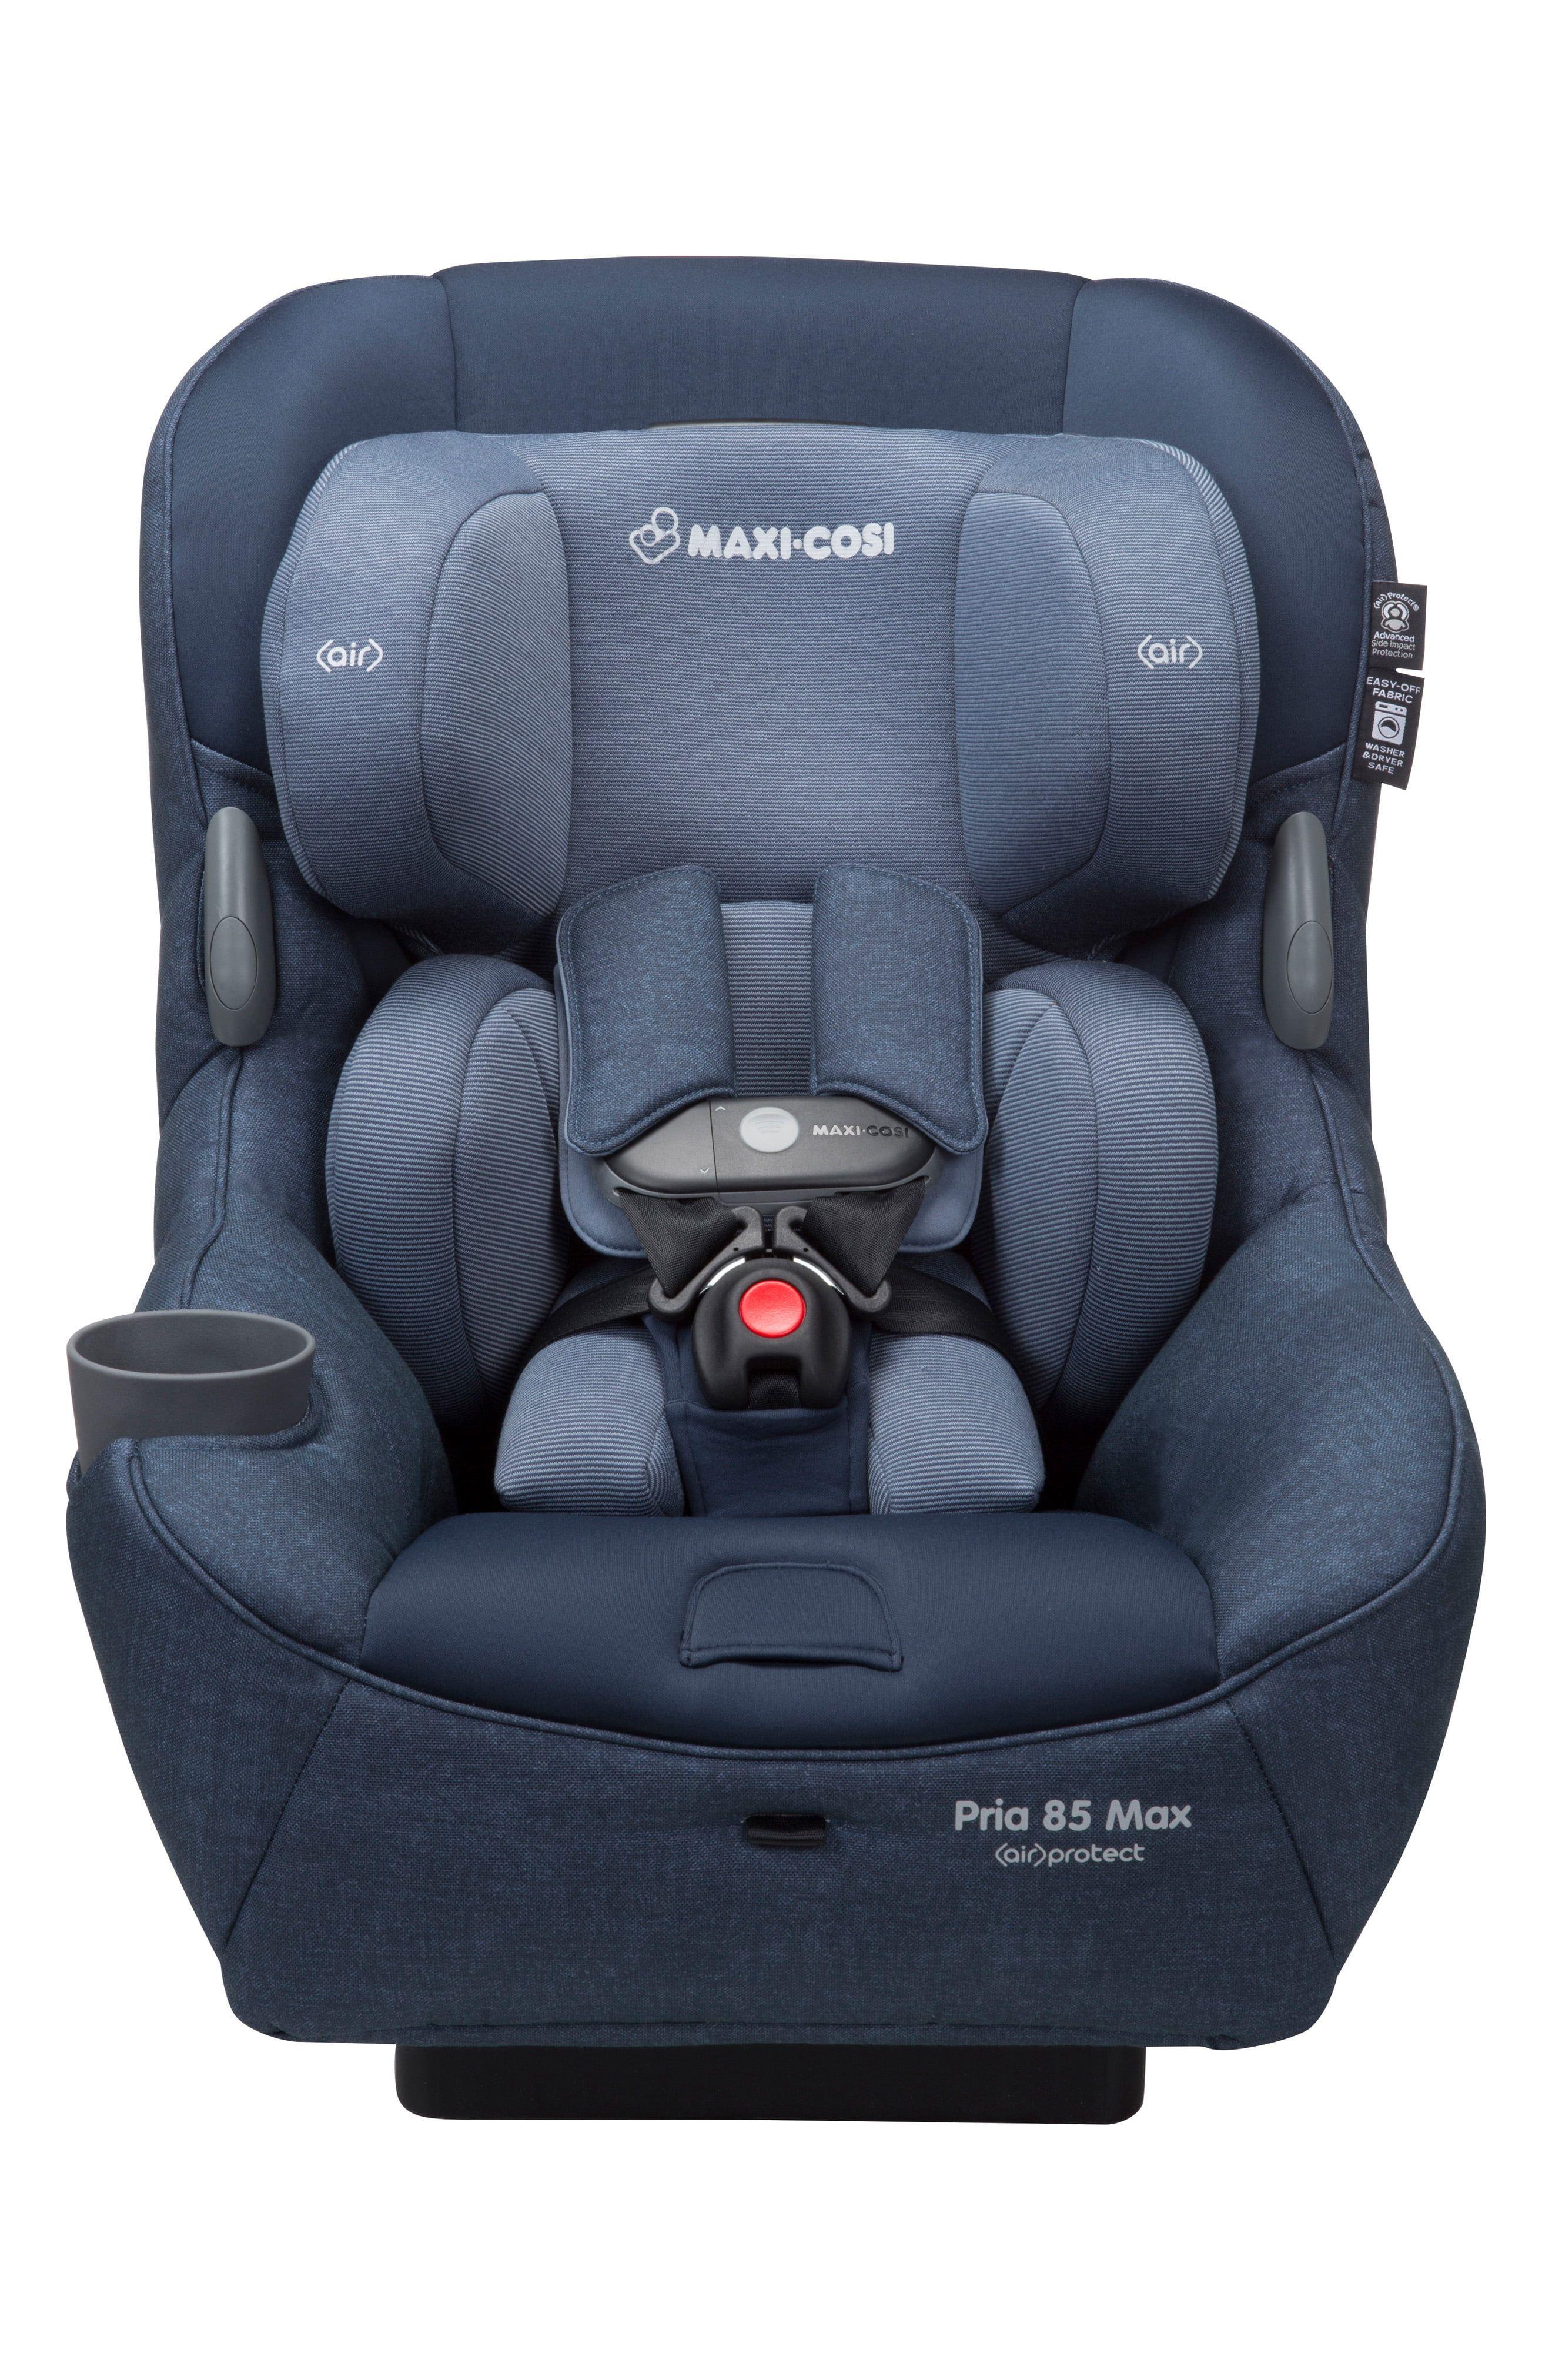 99eed793fb12e776c69d5f7d11cbf137 - How To Get Cover Off Maxi Cosi Car Seat